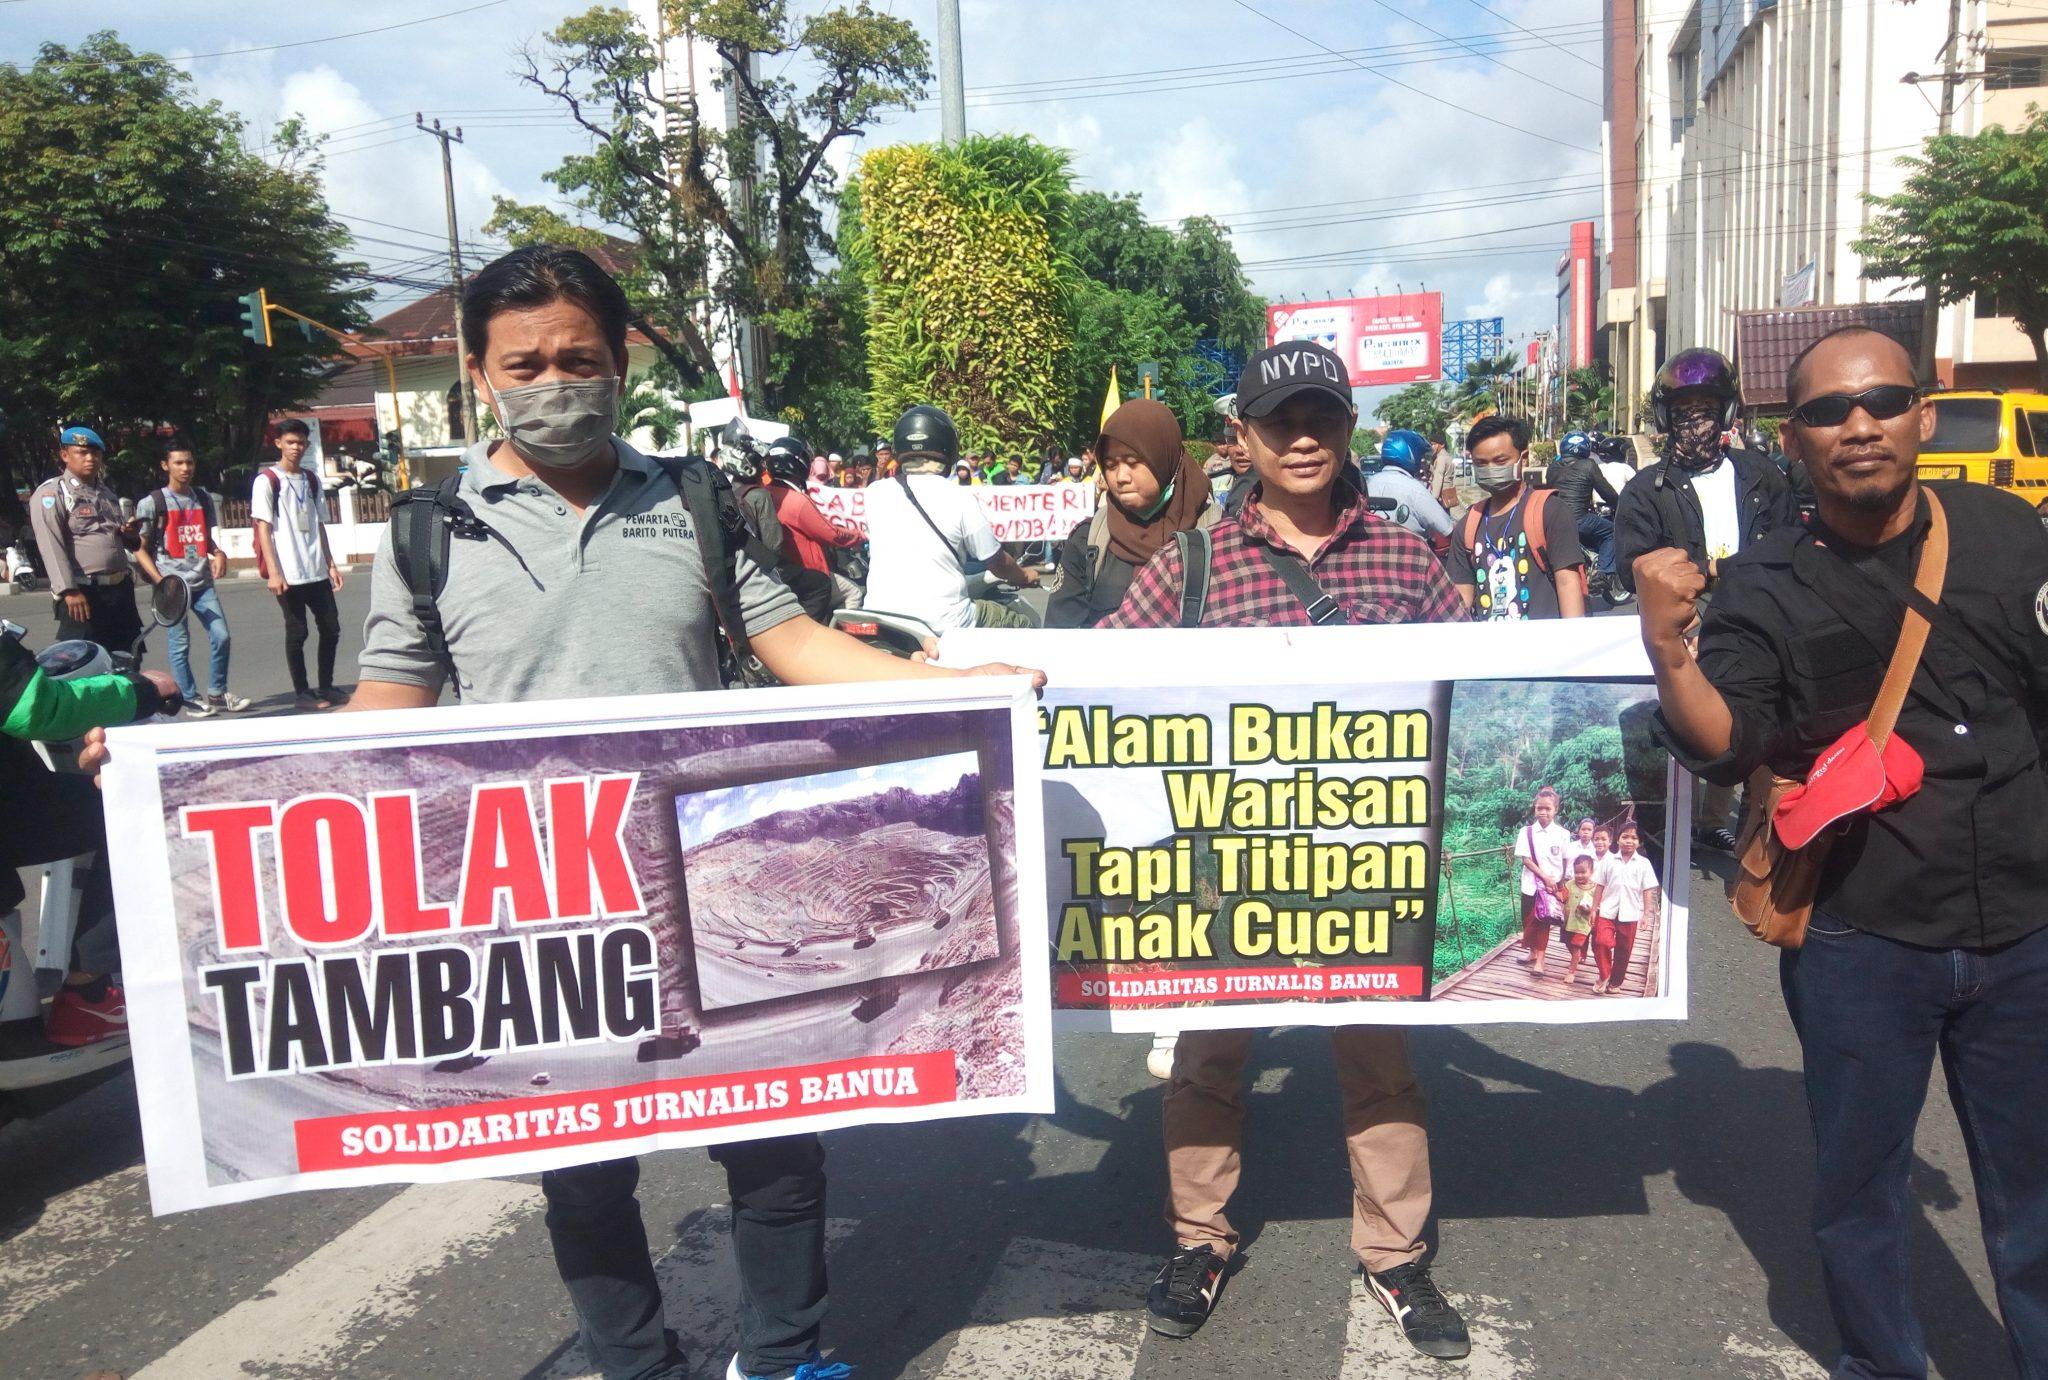 Tolak Tambang Meratus, Masyarakat Kalsel Kirim Uang Receh ke Menteri ESDM